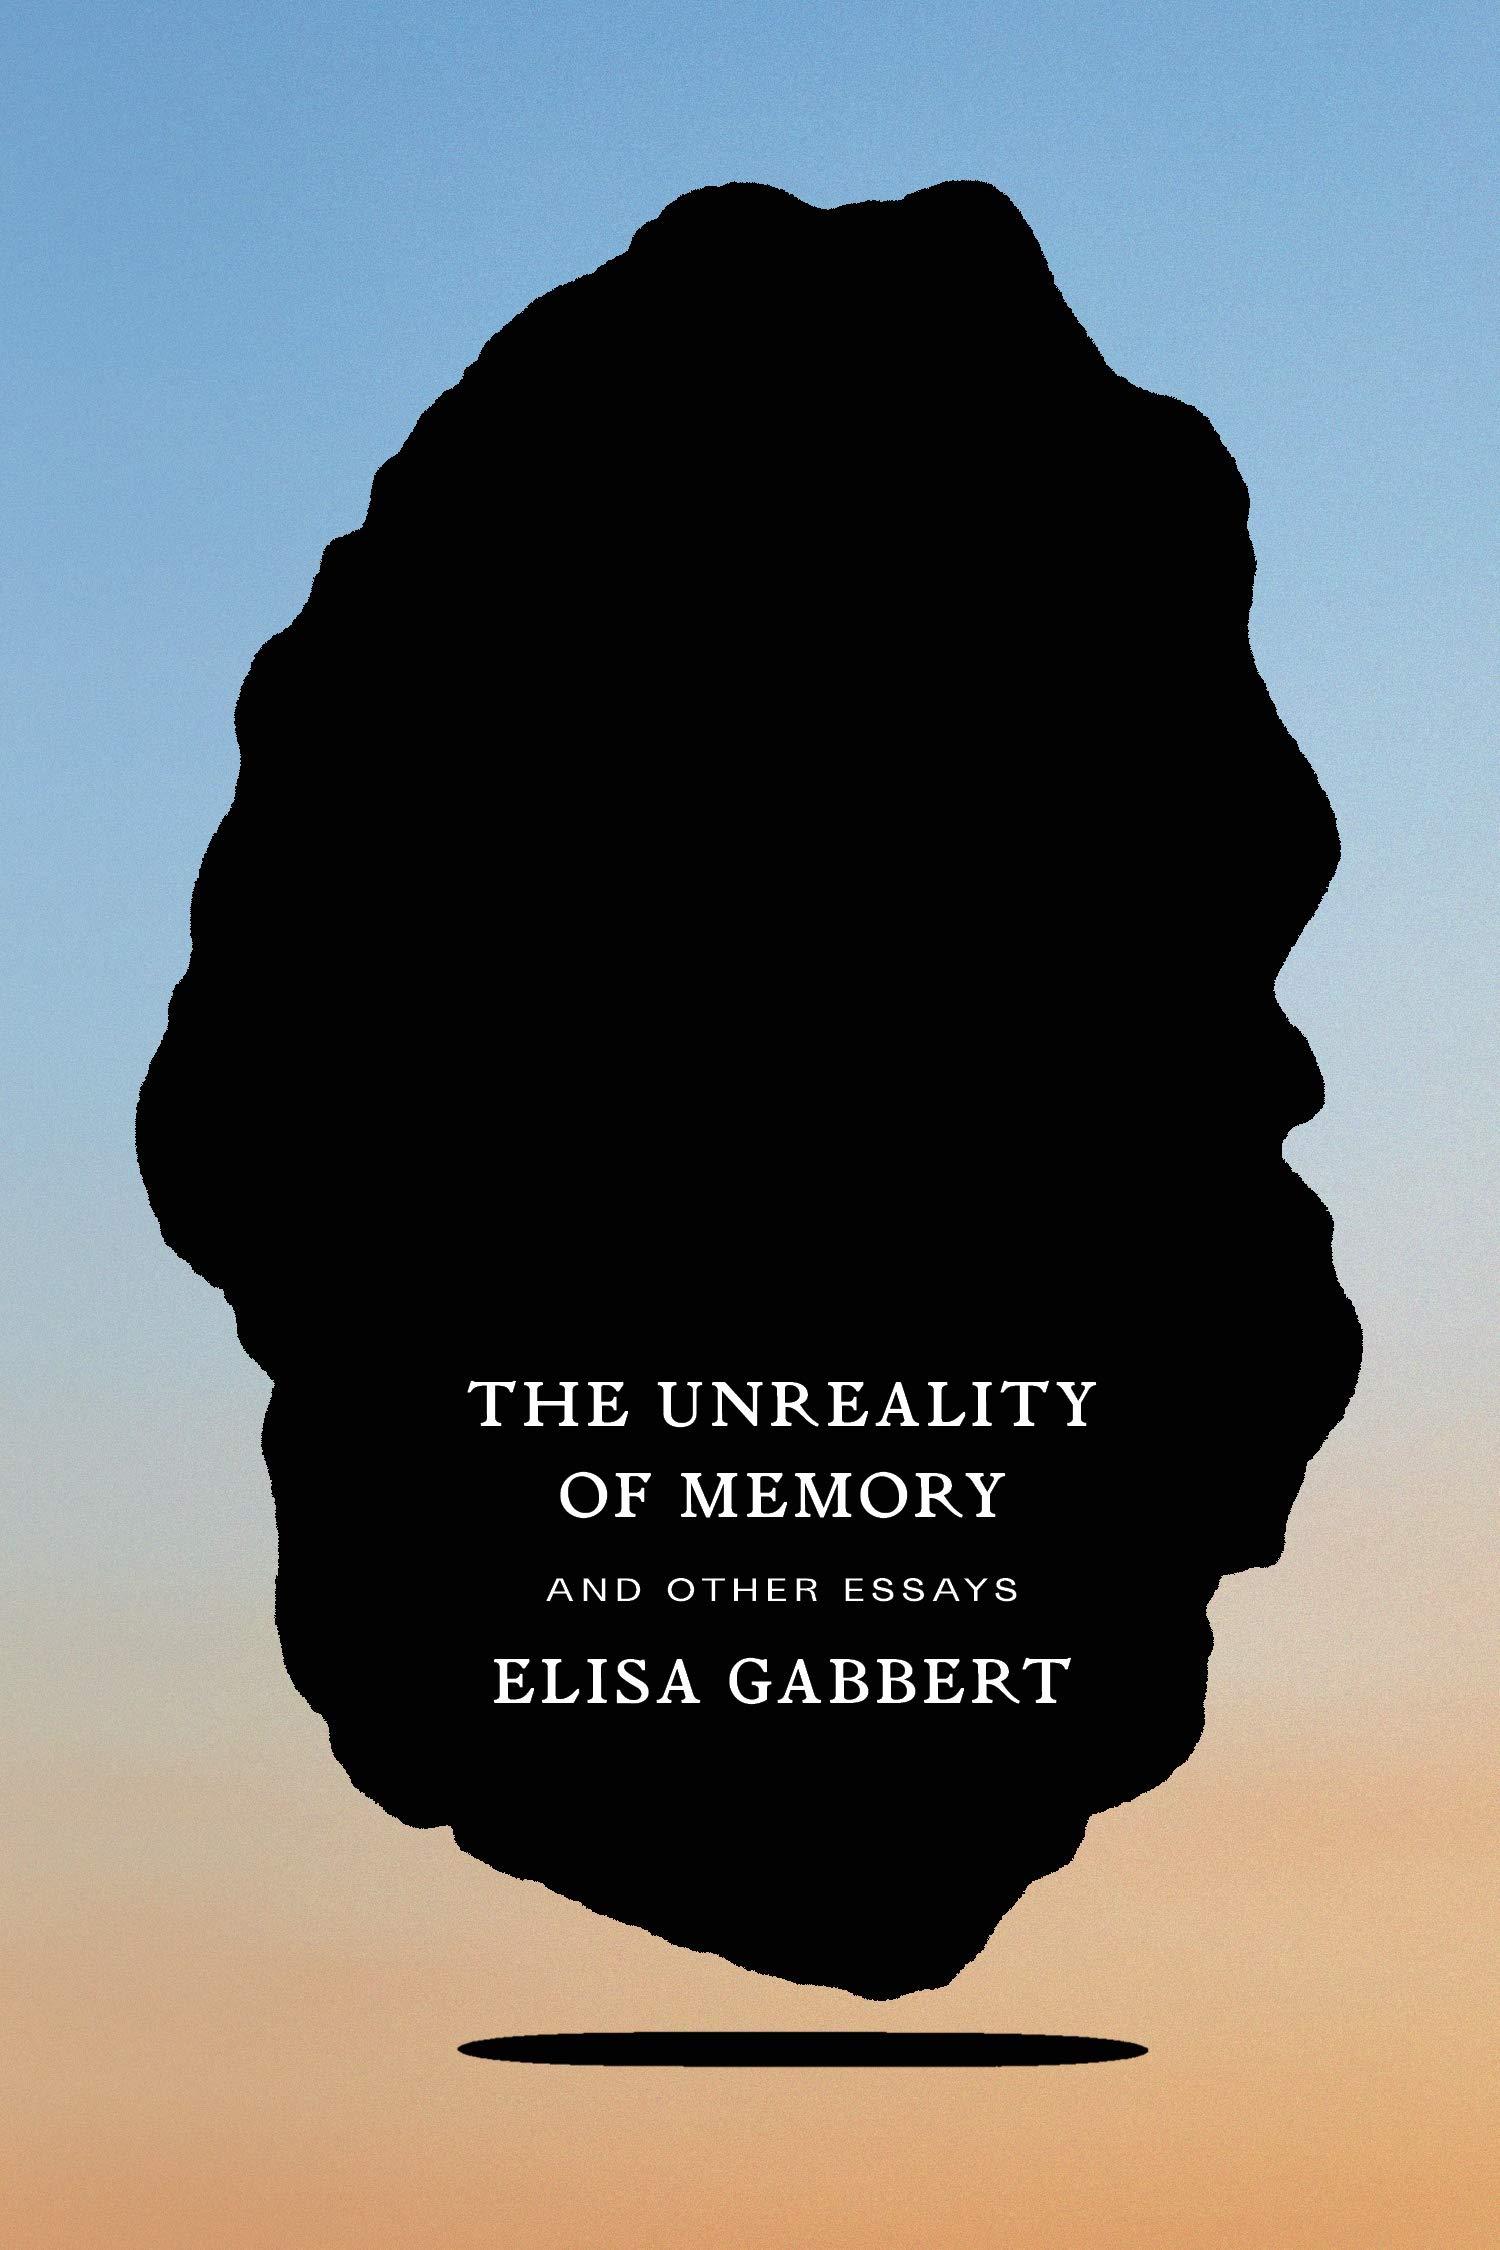 Elisa Gabbert, The Unreality of Memory